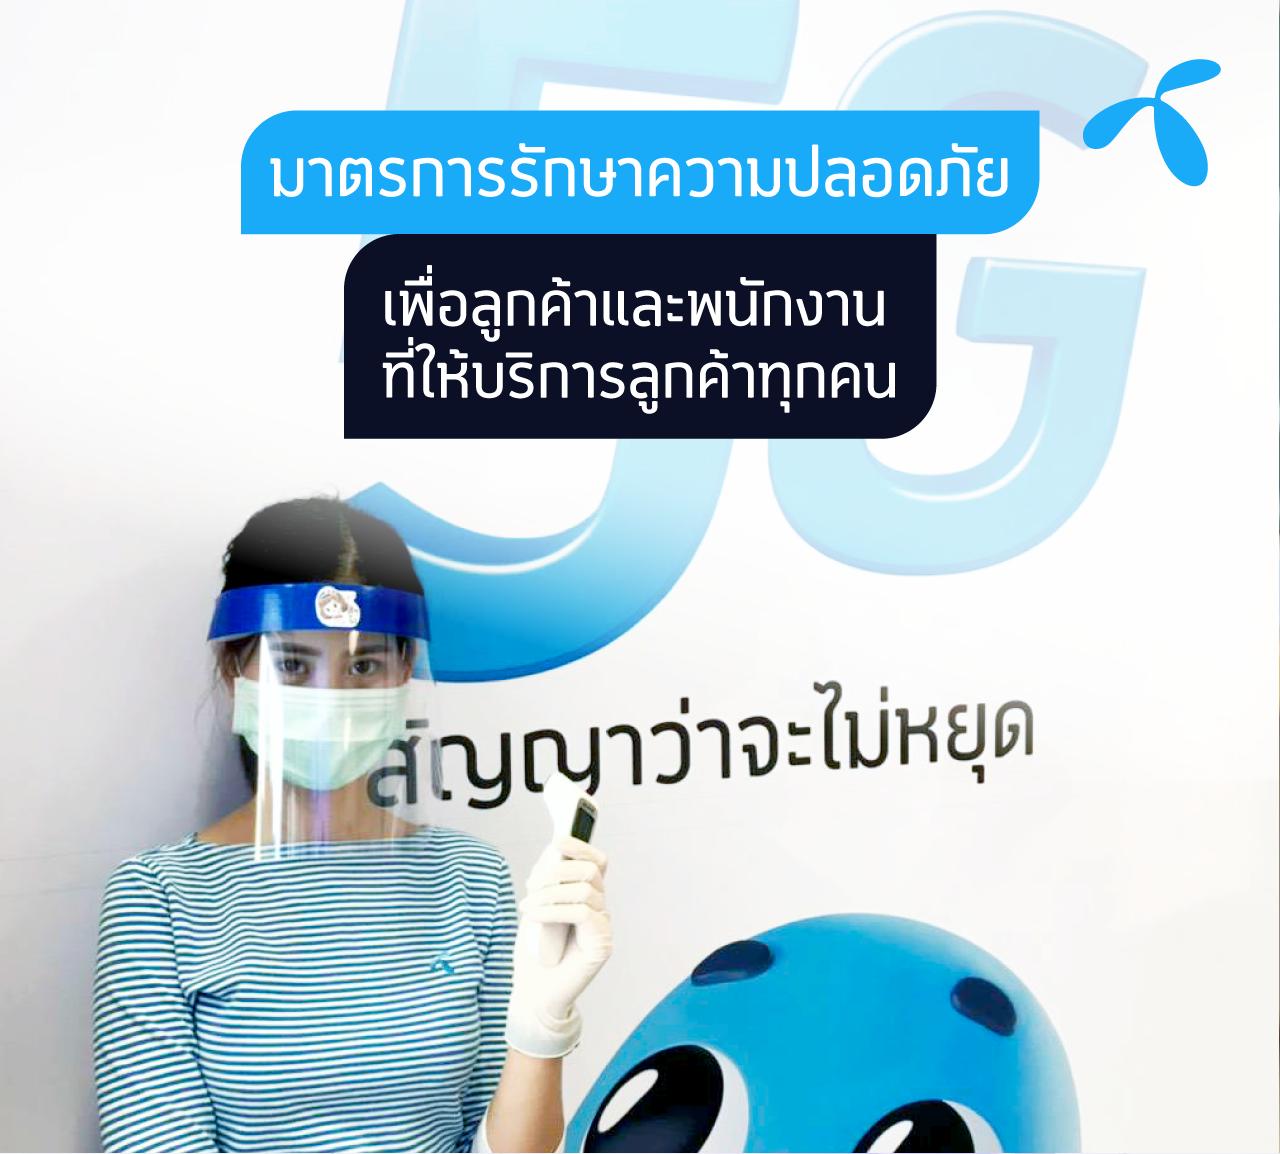 ดีแทคเปิดศูนย์บริการ ช่วยบรรเทาความเดือดร้อนของประชาชนที่มีความจำเป็นต้องใช้งานโทรศัพท์มือถือ อย่างยิ่งยวดในช่วงนี้